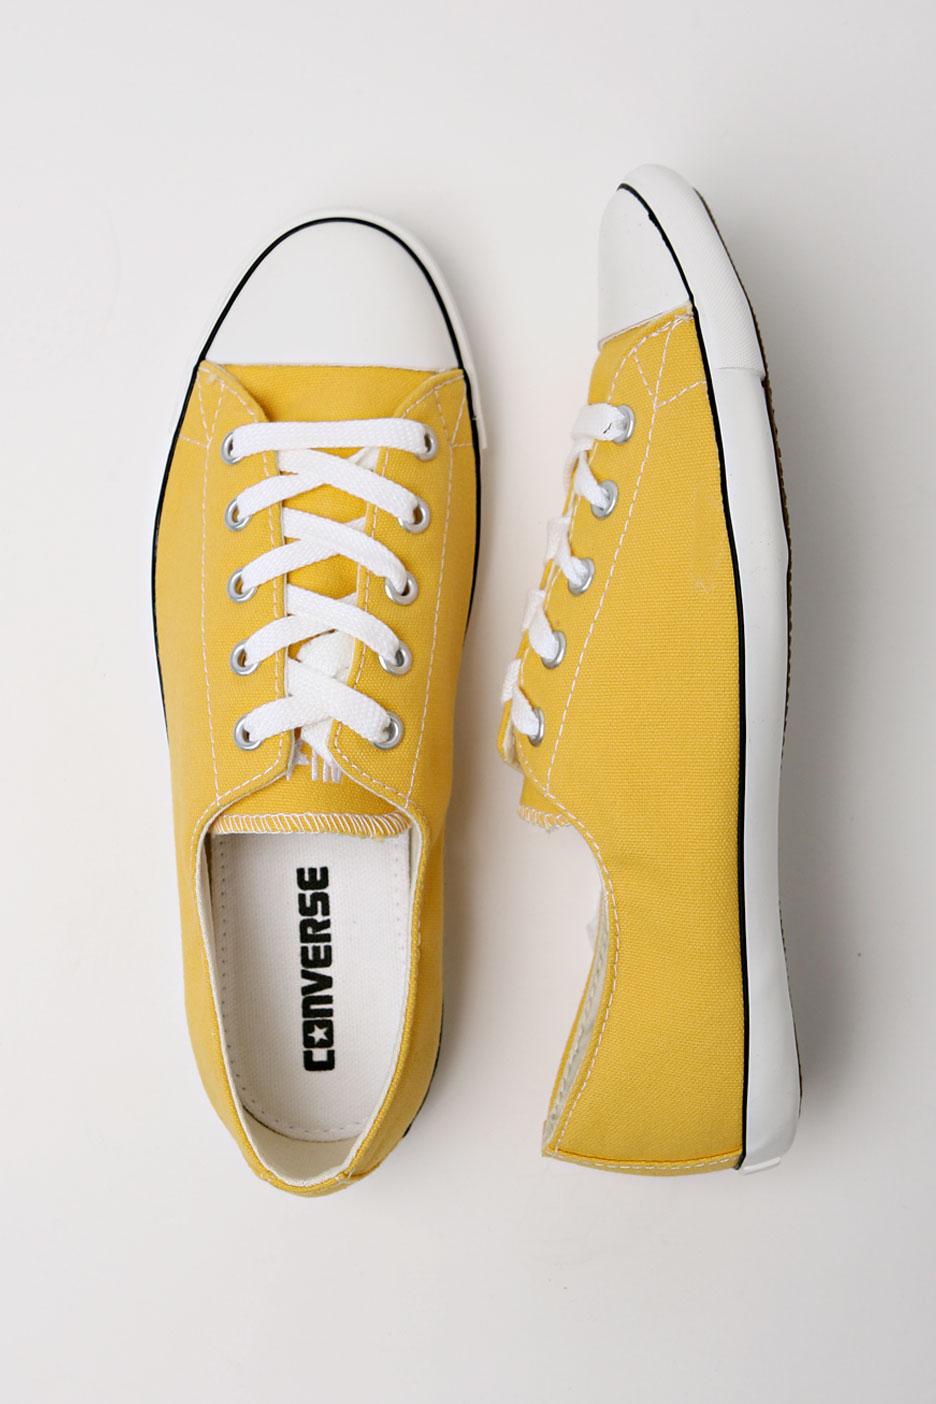 a132e4d96d2 Converse - AS Light OX Runner Yellow - Girl Schuhe - Impericon.com AT